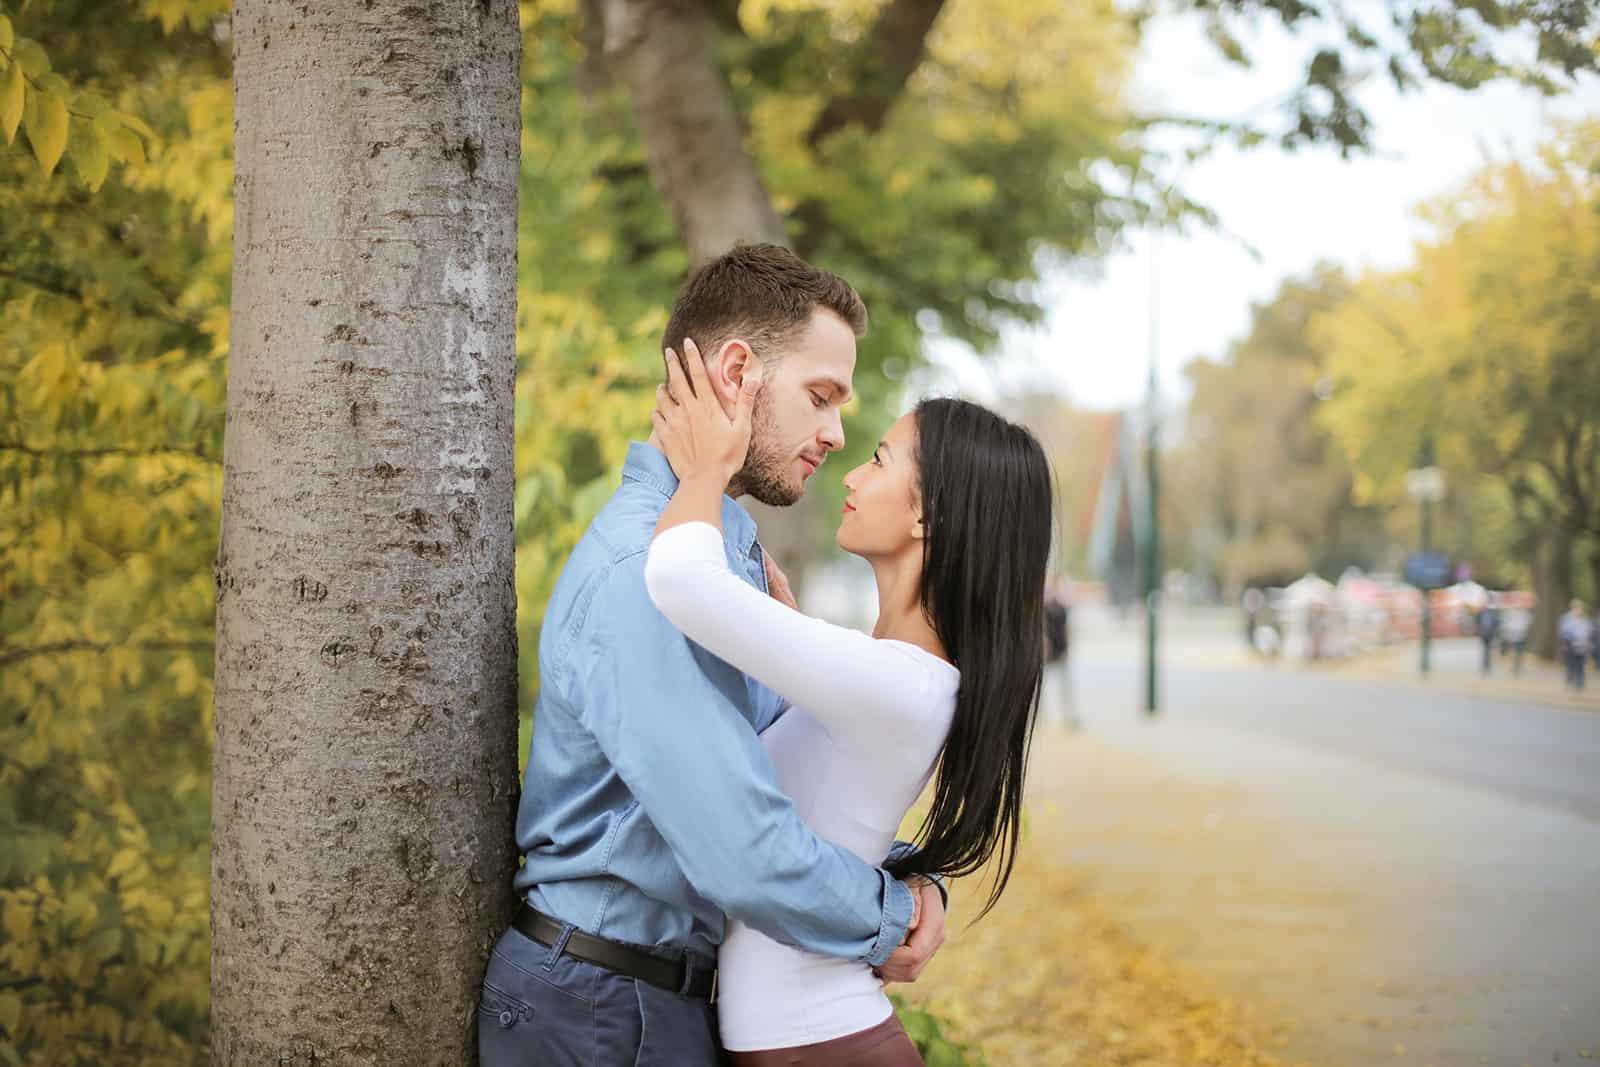 hugging couple regardant les uns les autres tout en se tenant à côté d'un arbre